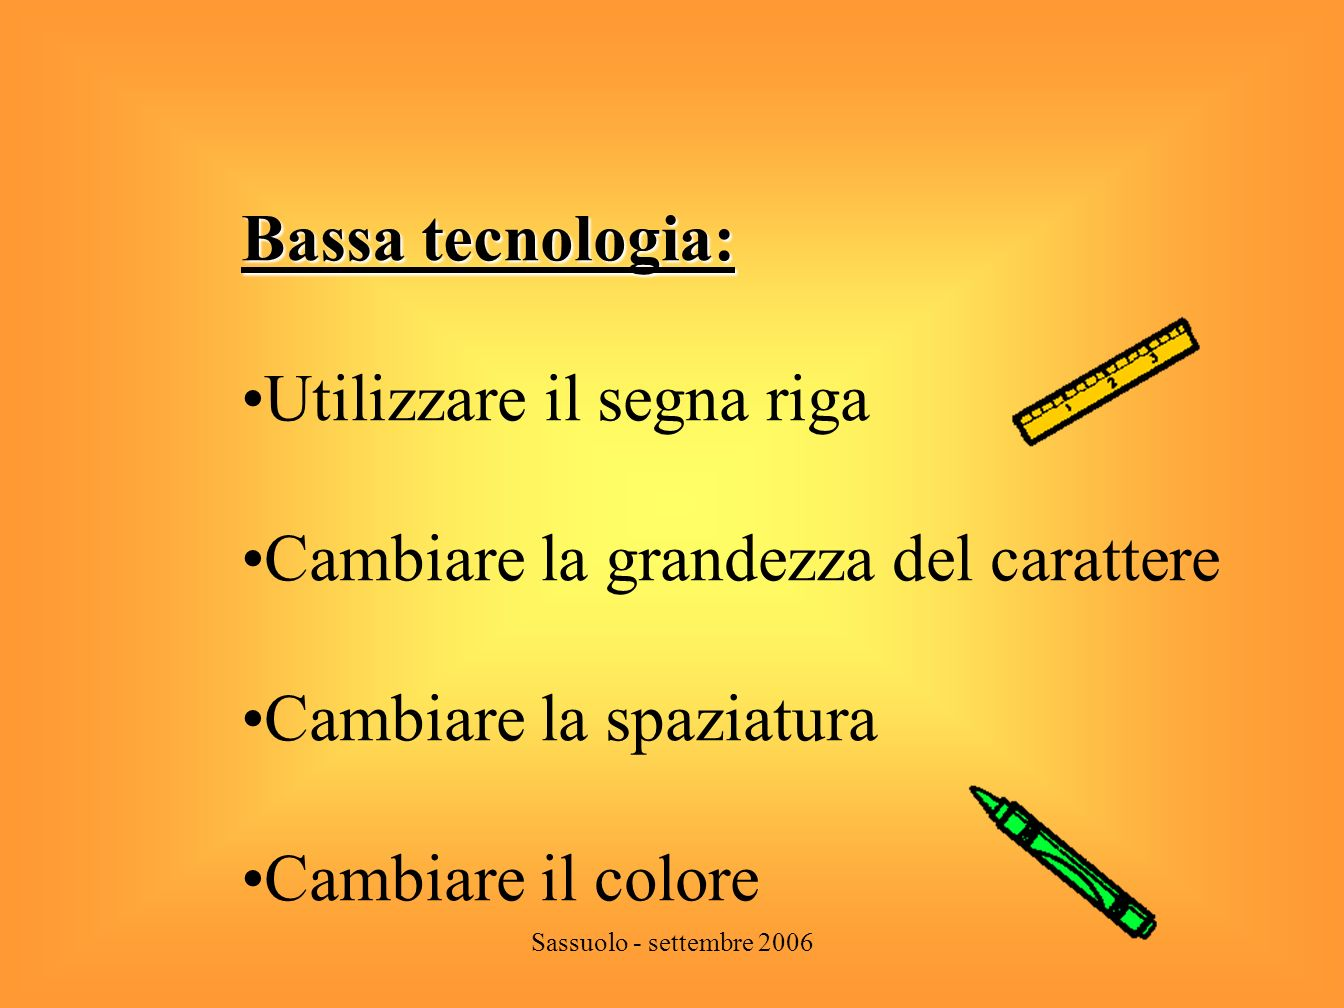 Sassuolo - settembre 2006 Audioregistratore con cuffia ( media tecnologia) ( media tecnologia) Consente: di ascoltare brevi testi per lesecuzione di compiti in classe ( ad esempio il testo dei problemi).